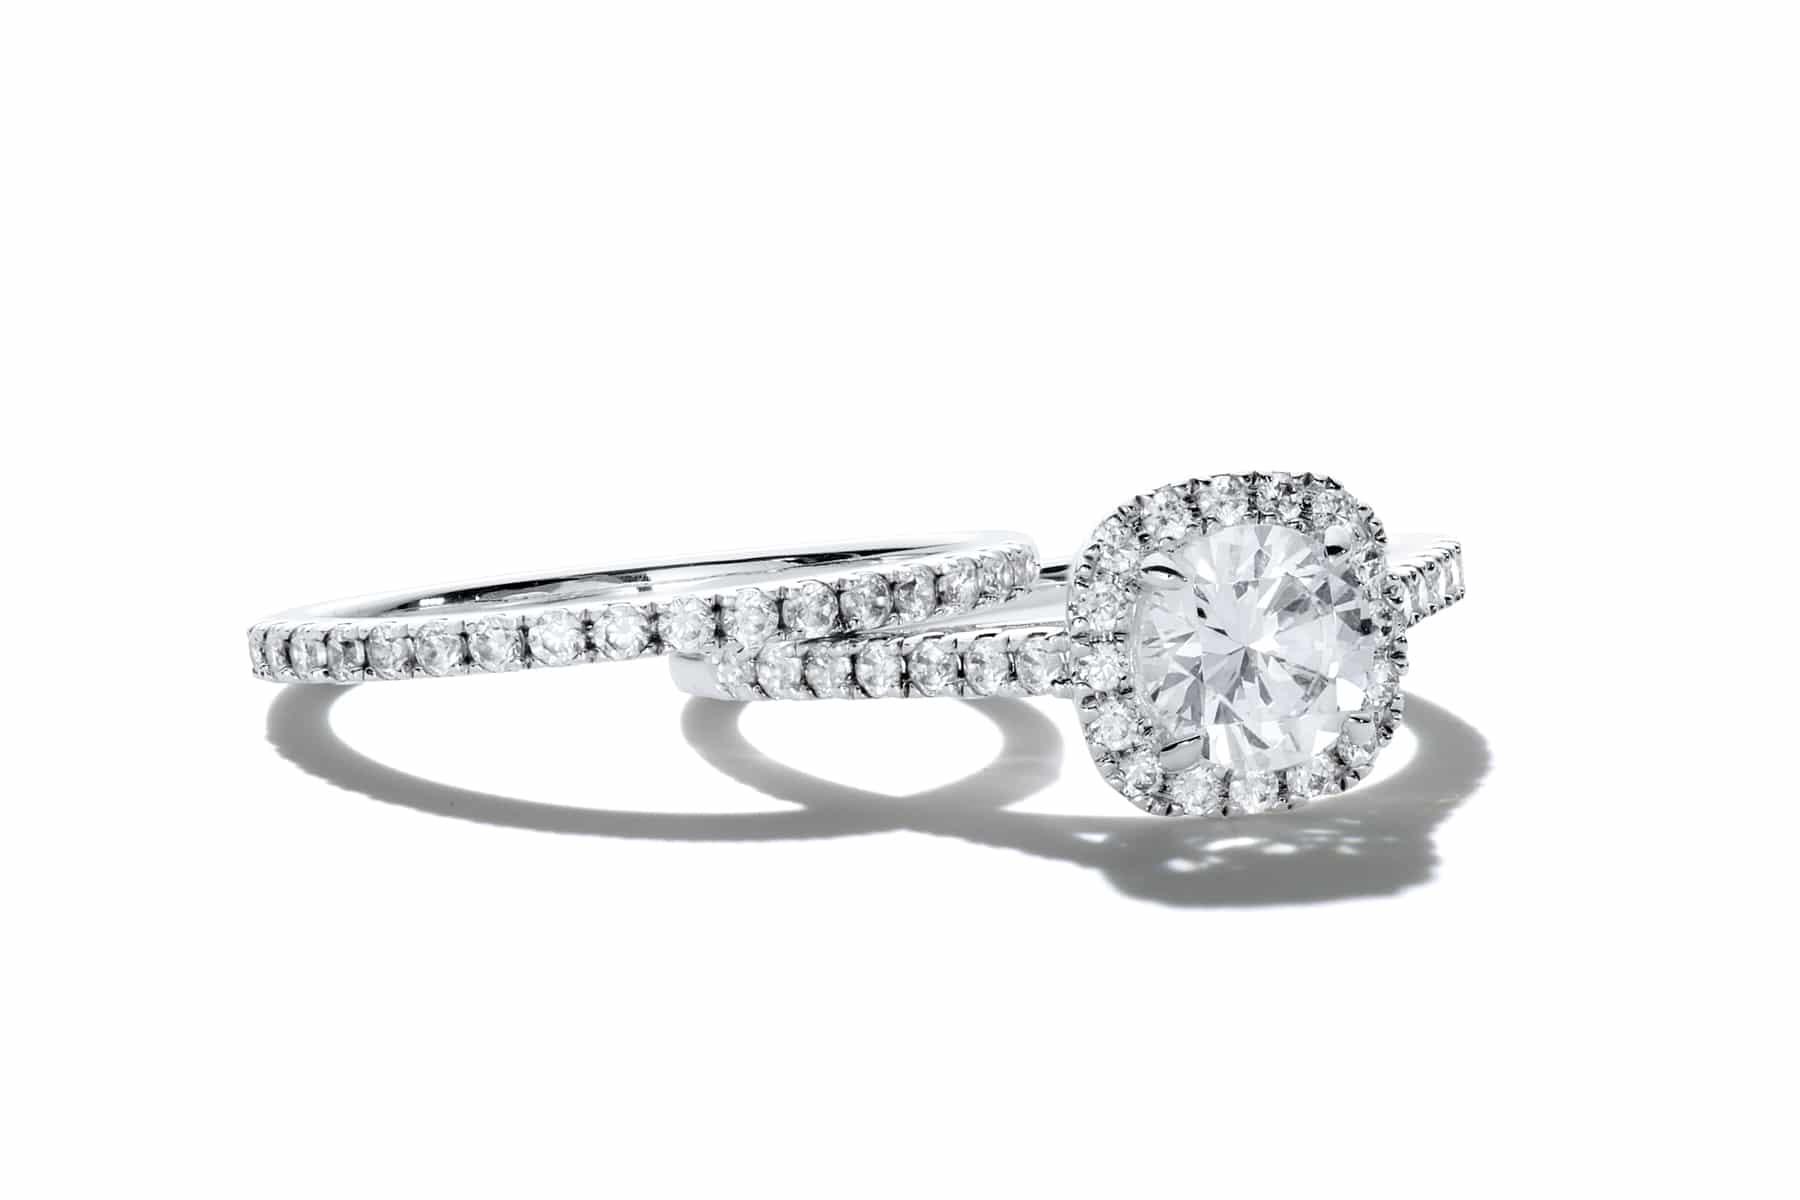 Packshot joaillerie Or blanc et diamants